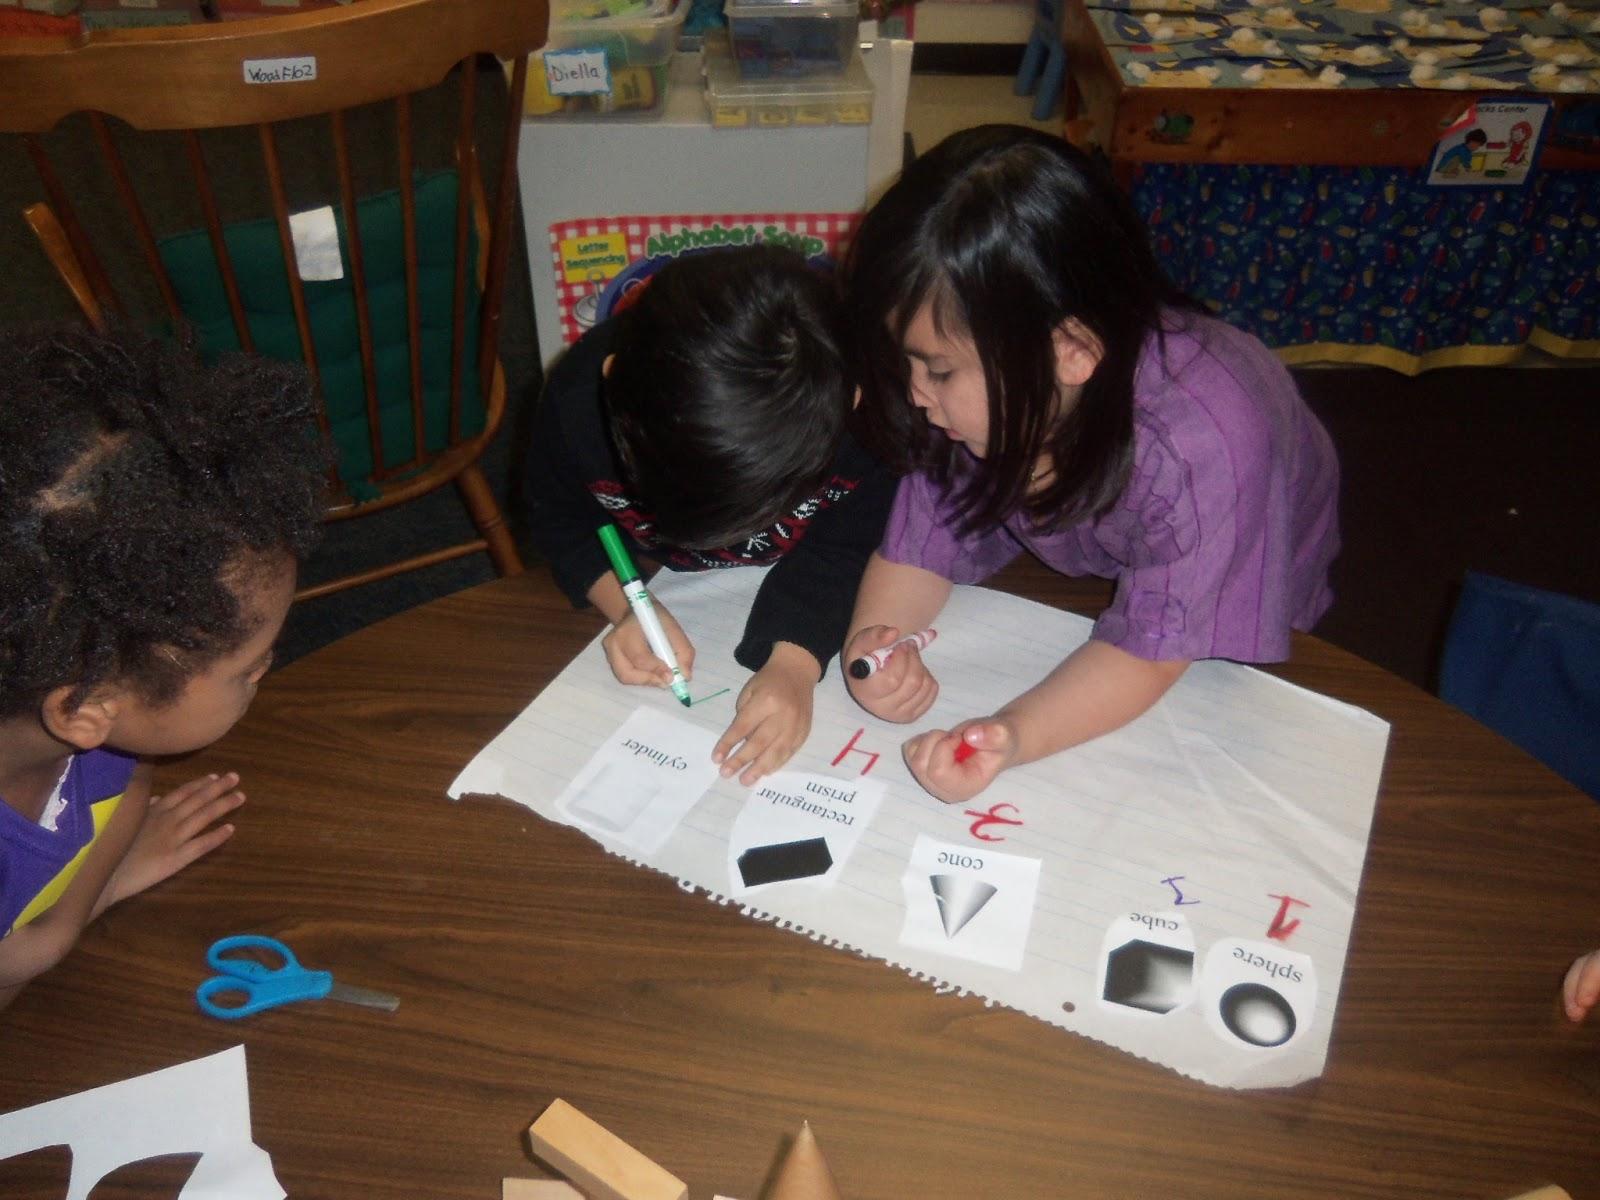 Kinder Garden: Mrs. Wood's Kindergarten Class: 3-D Shapes